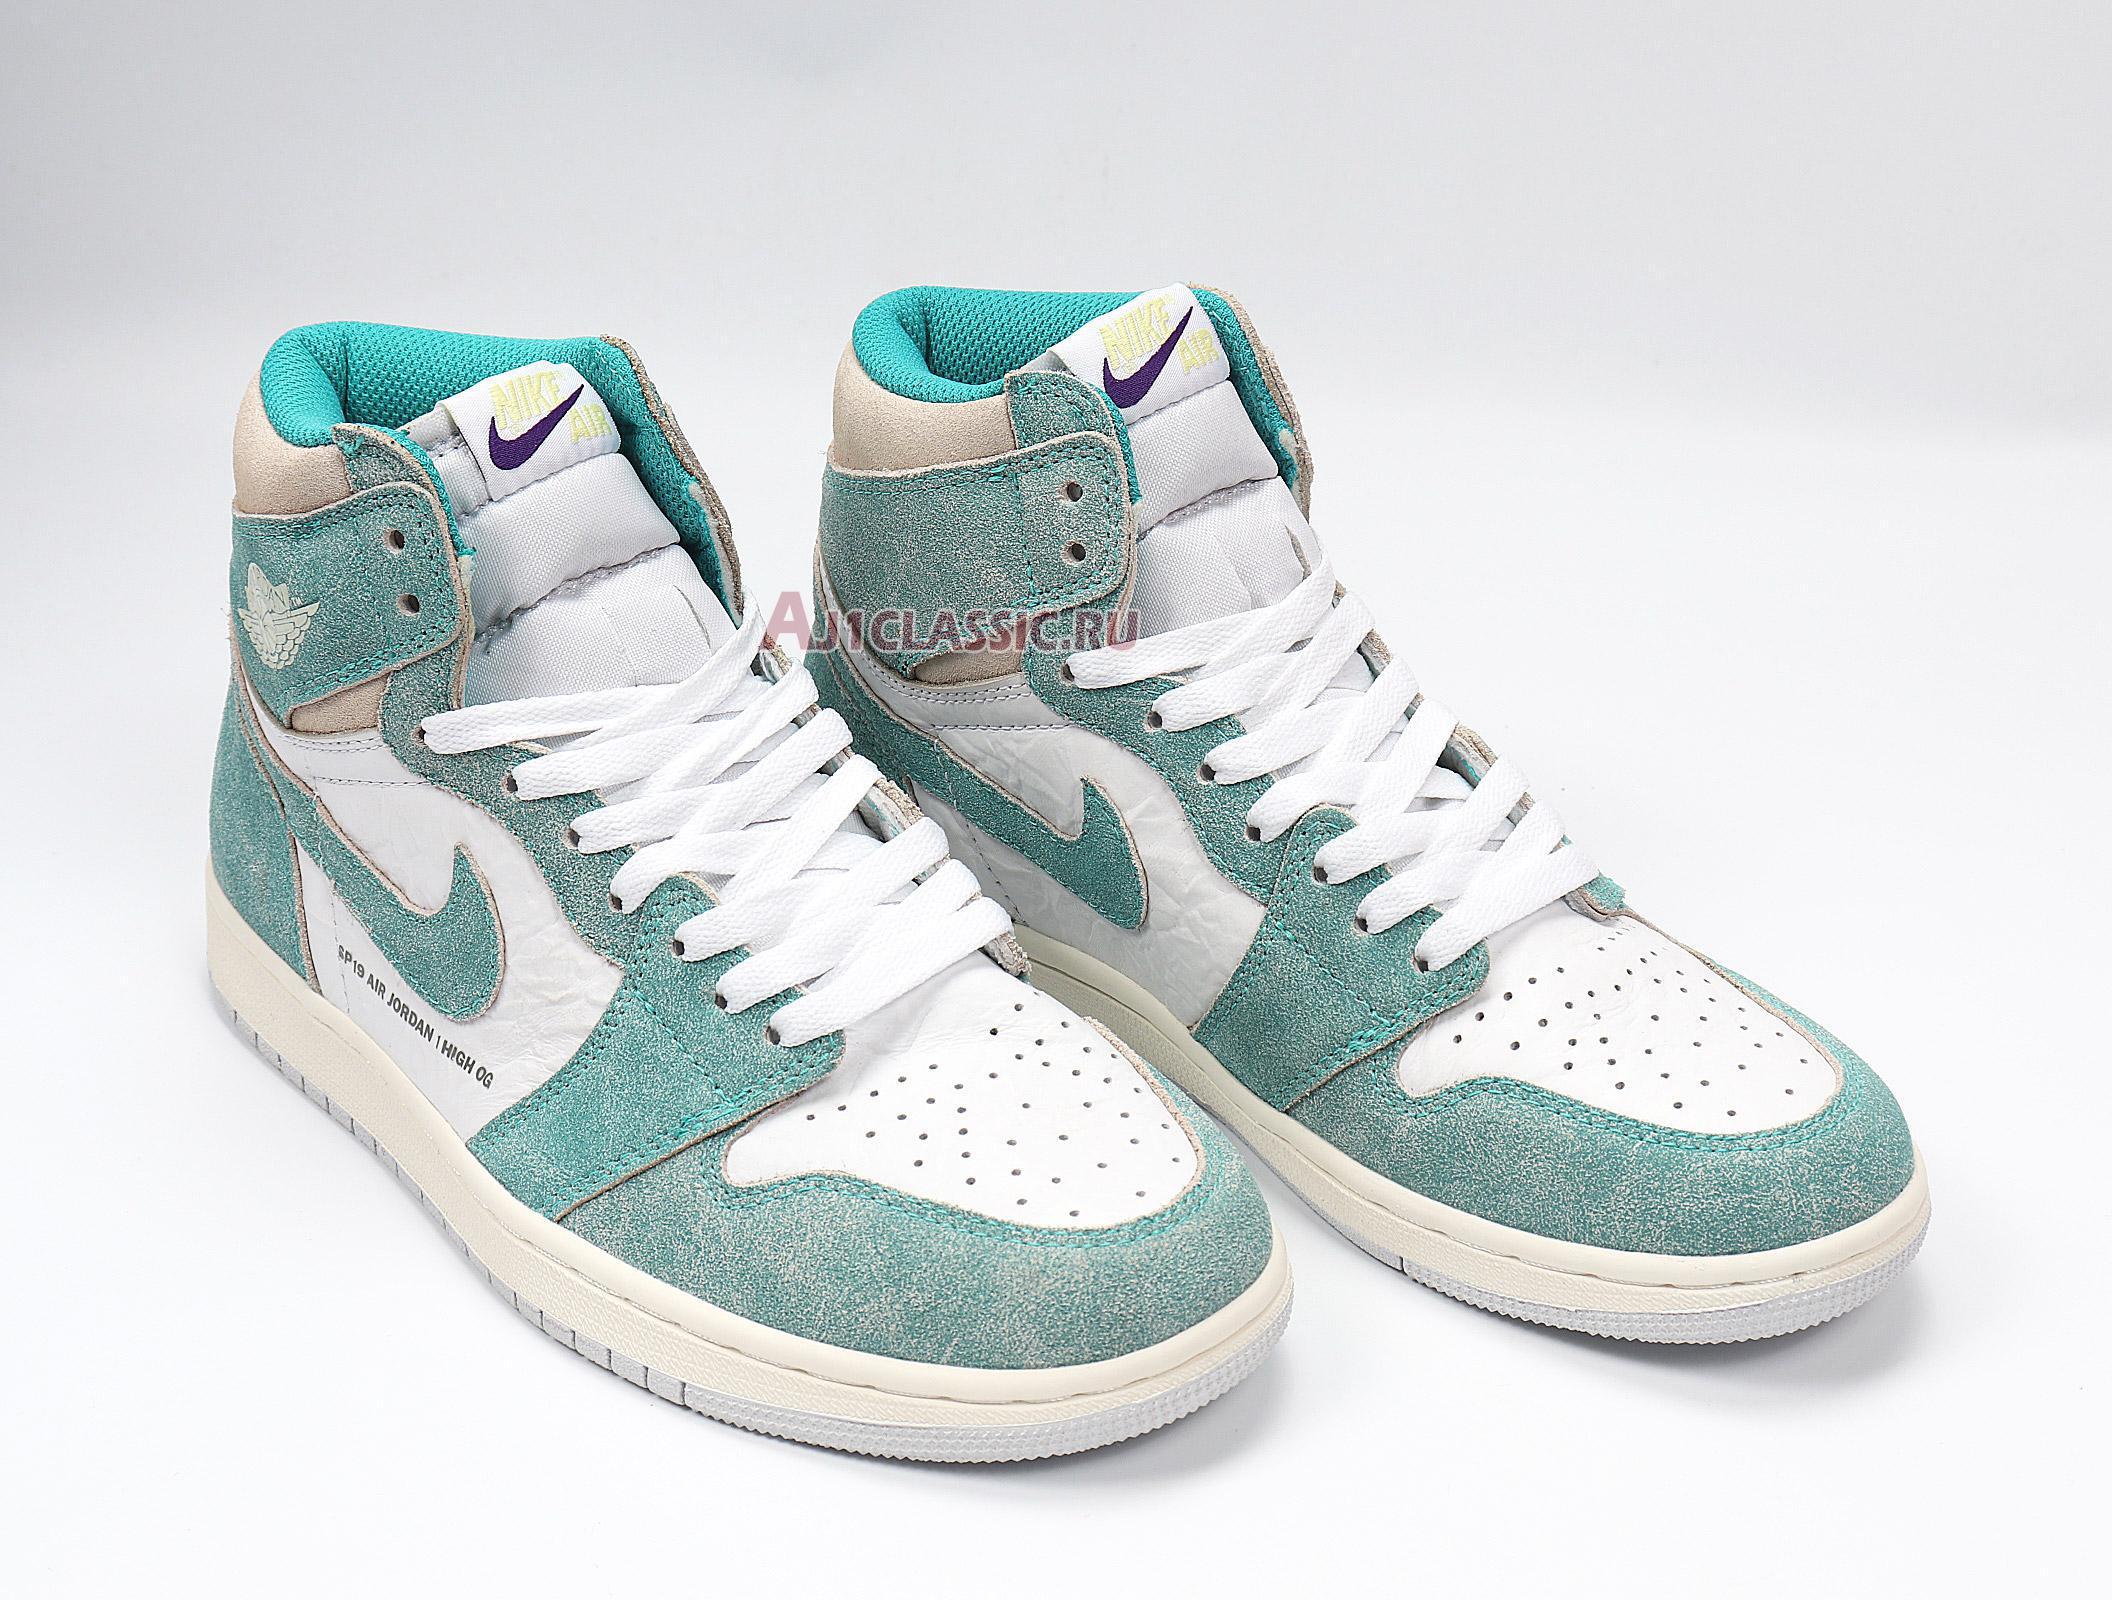 """Air Jordan 1 Retro High OG """"Turbo Green"""" 555088-311"""